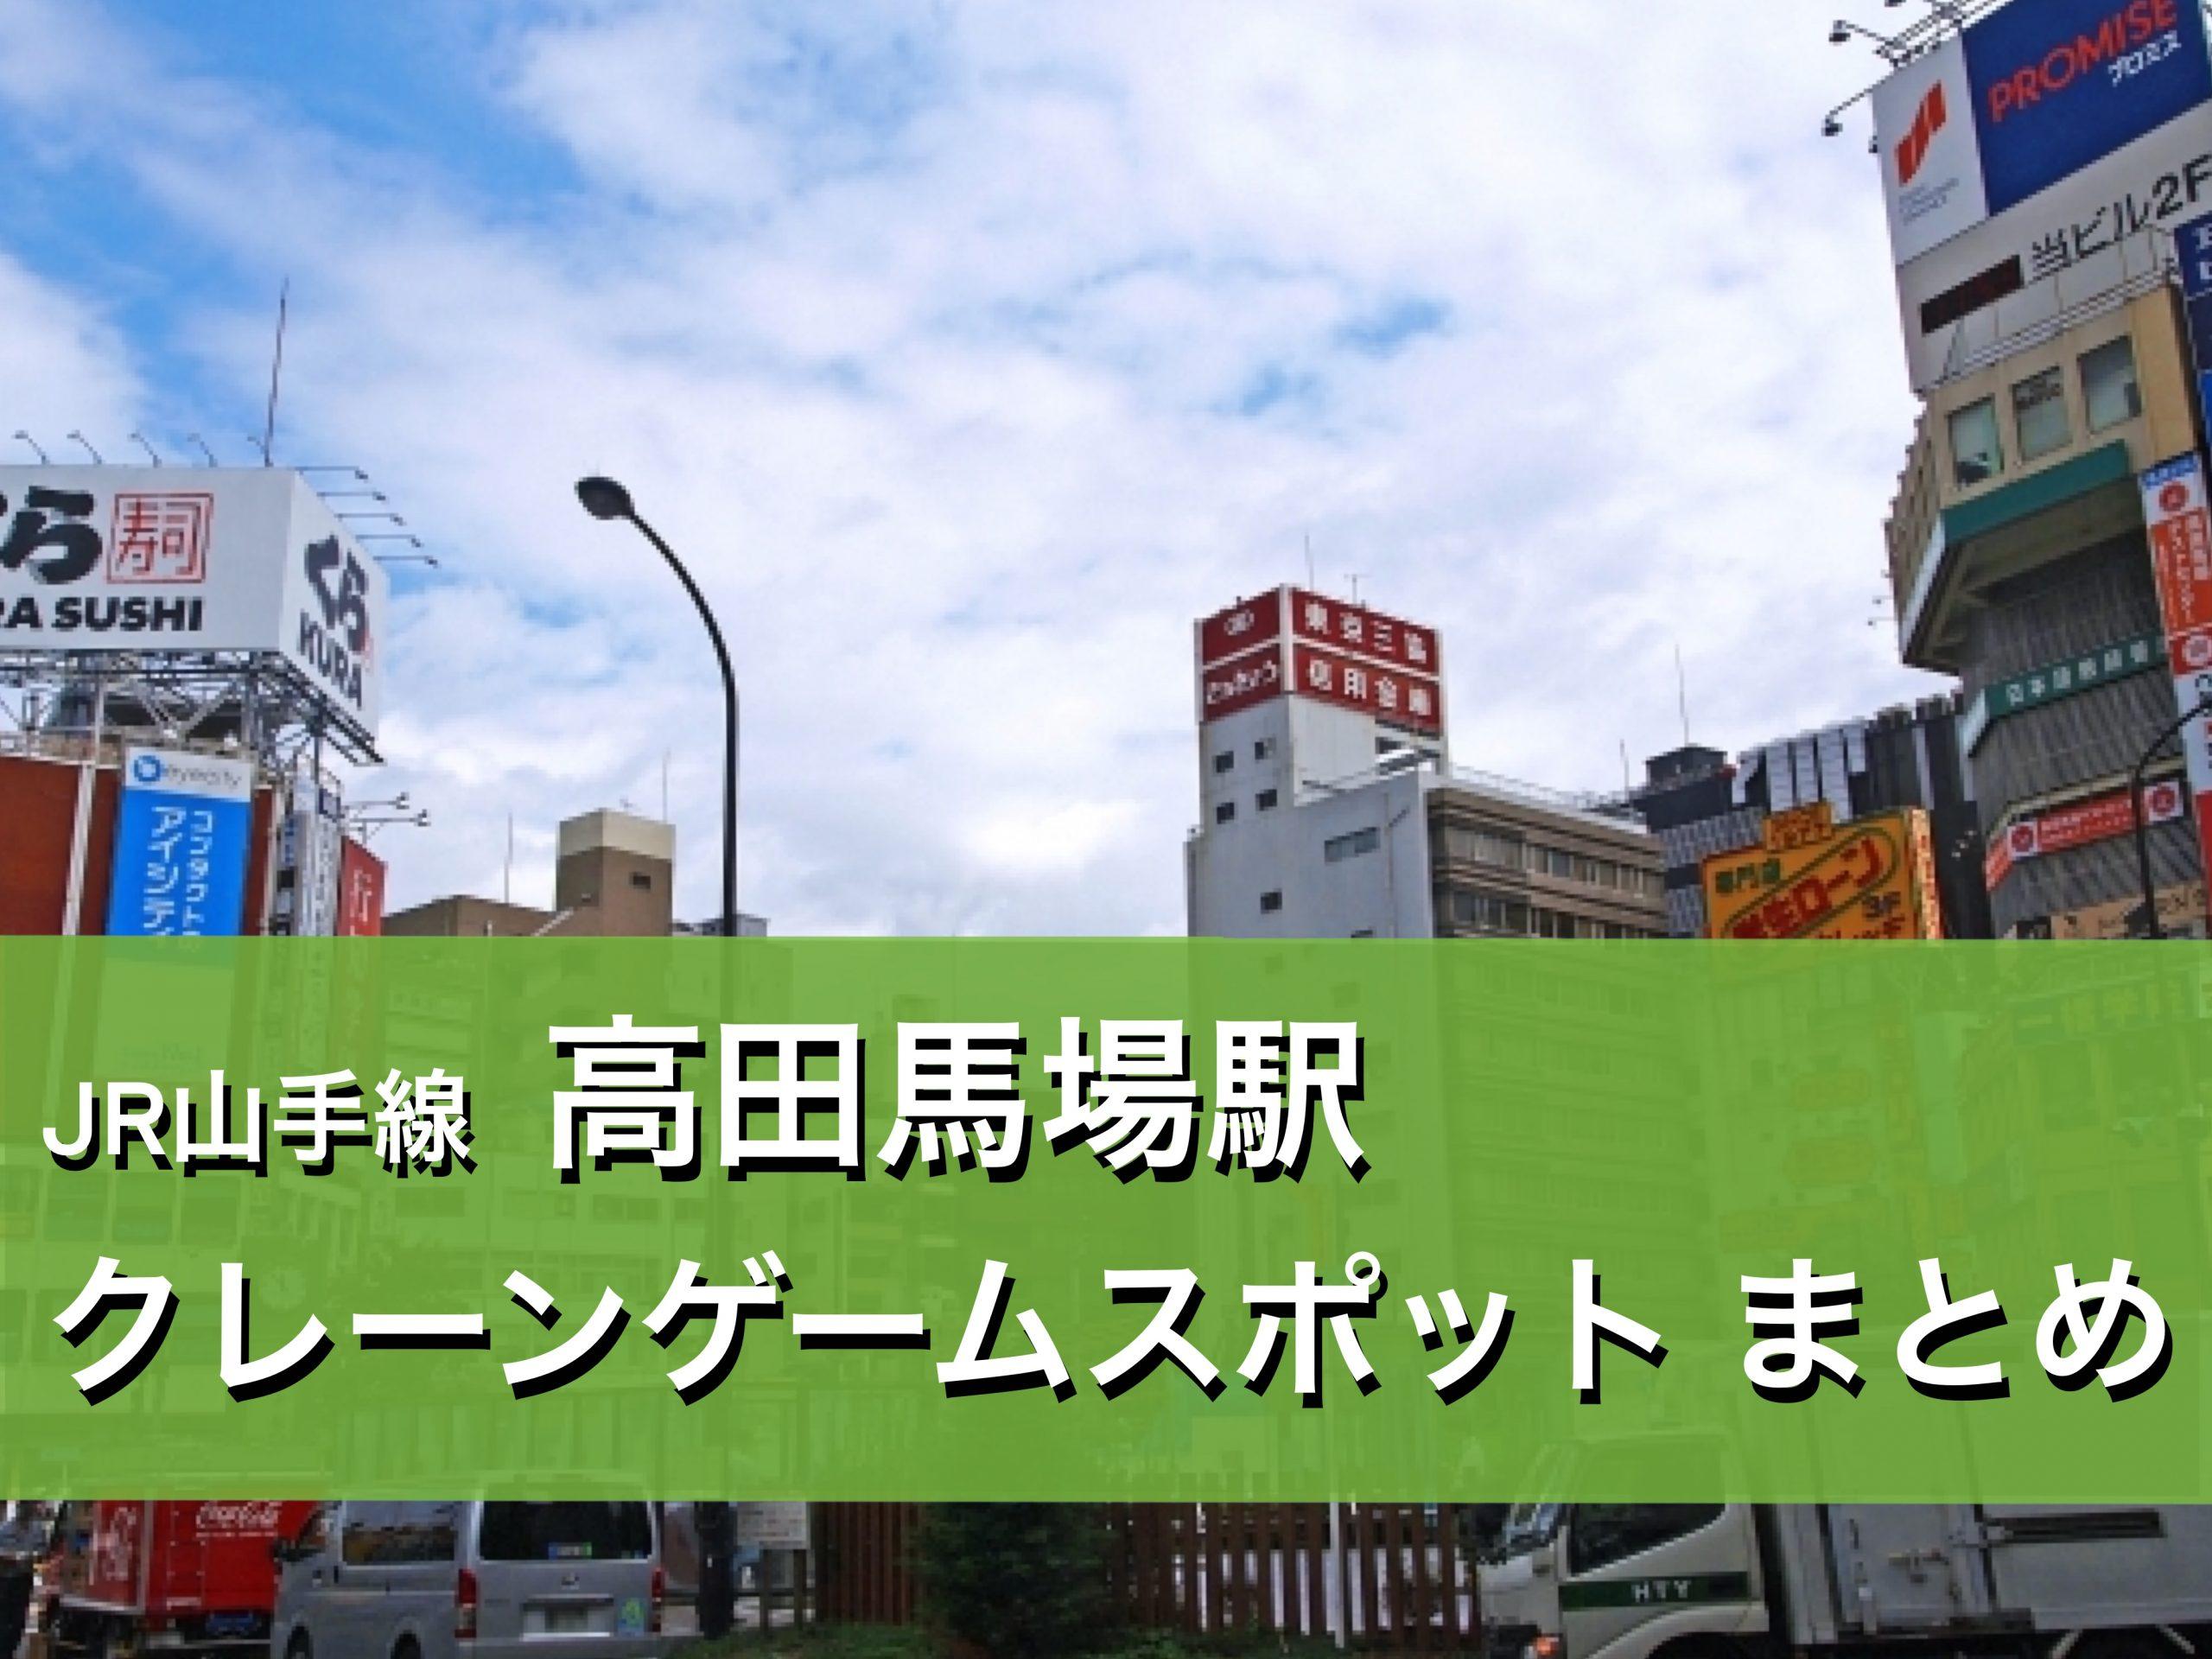 【高田馬場駅】クレーンゲームができる場所